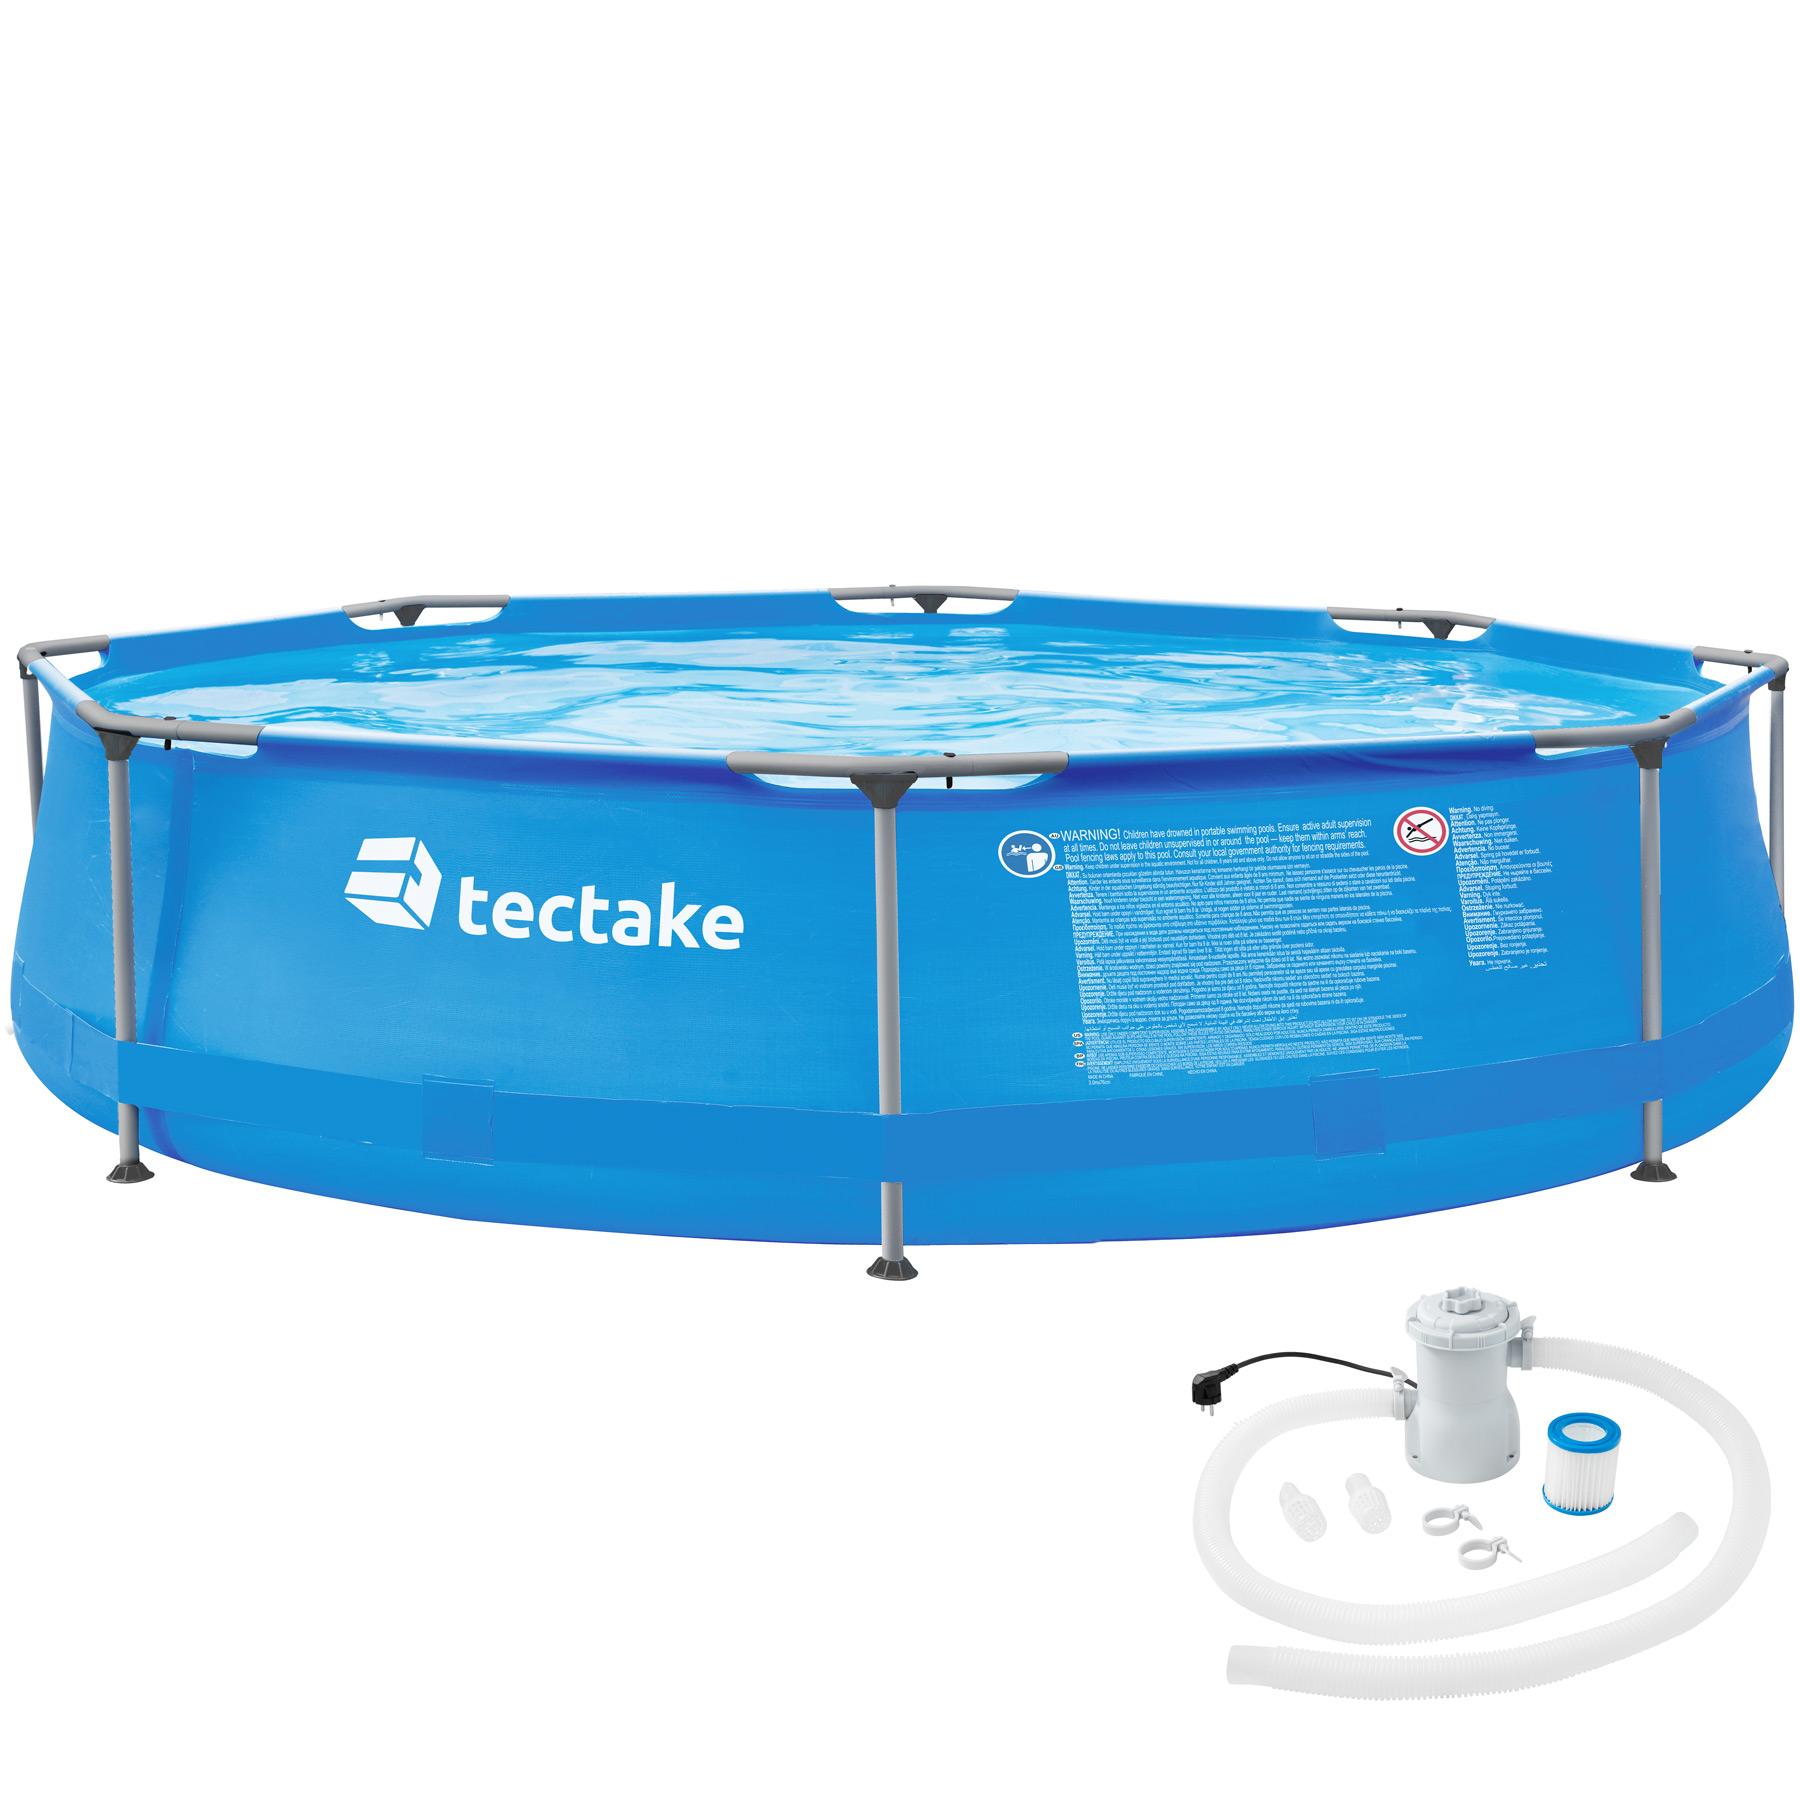 Swimming Pool rund mit Stahlrahmen und Filterpumpe - Ø 300 x 76 cm günstig online kaufen